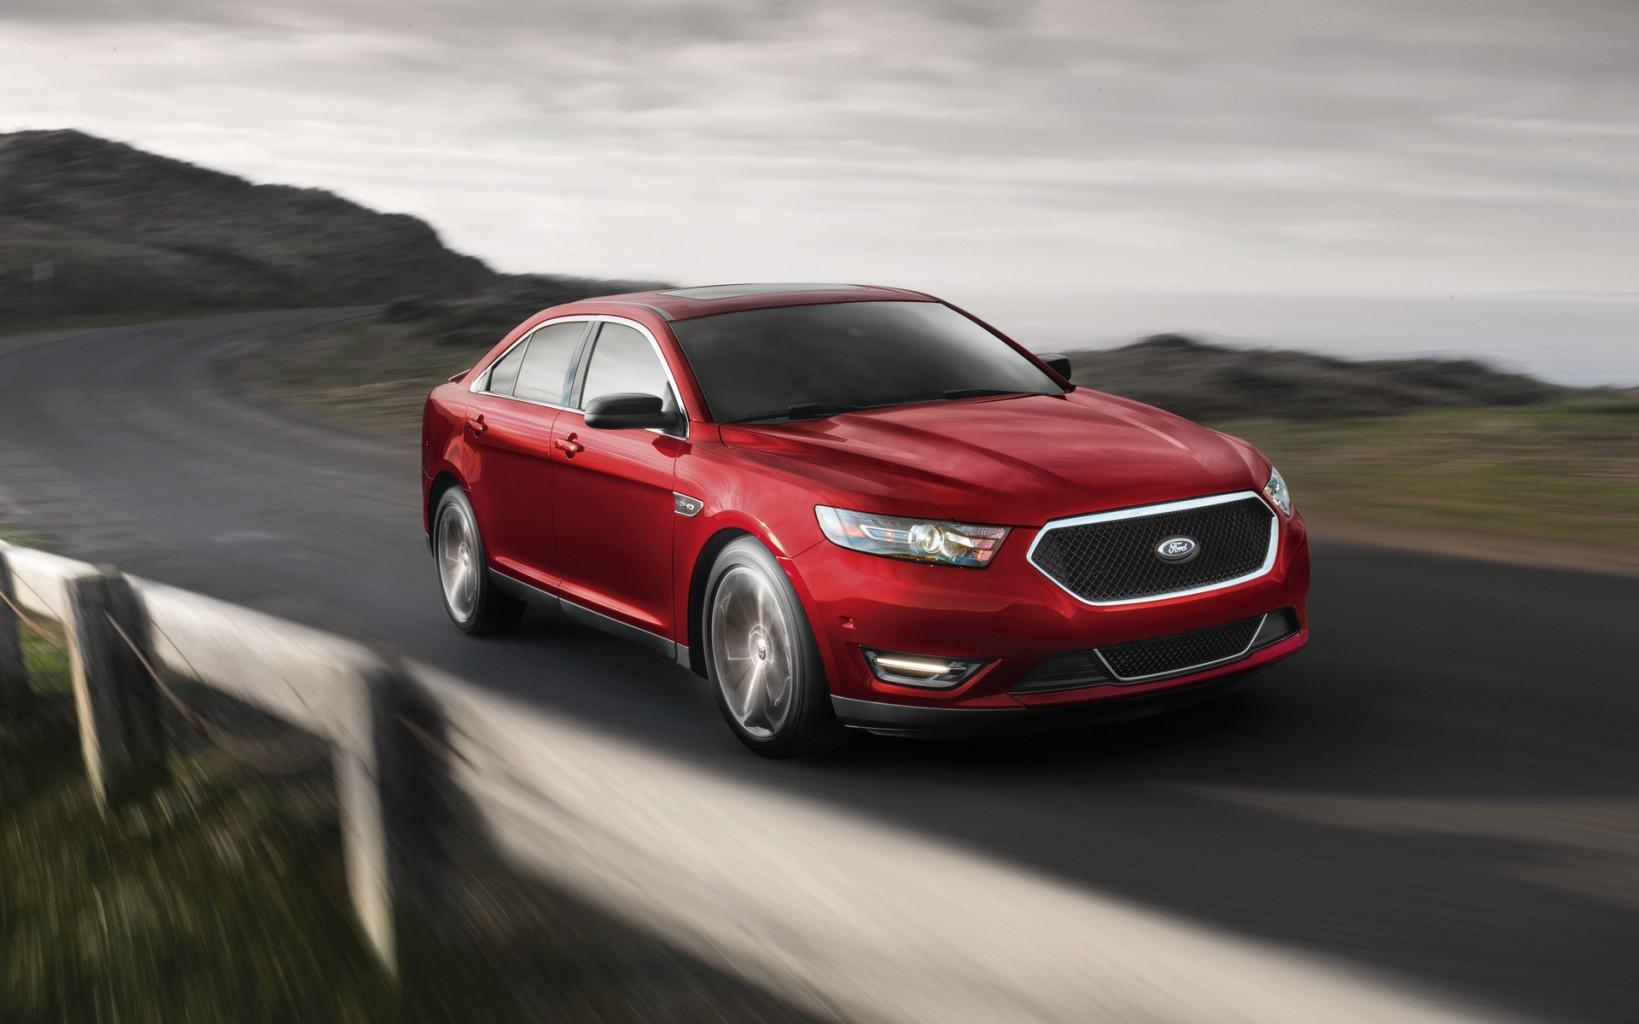 Ford dejaría de fabricar la mayoría de sus sedanes y se enfocaría en los Crossovers y SUV's